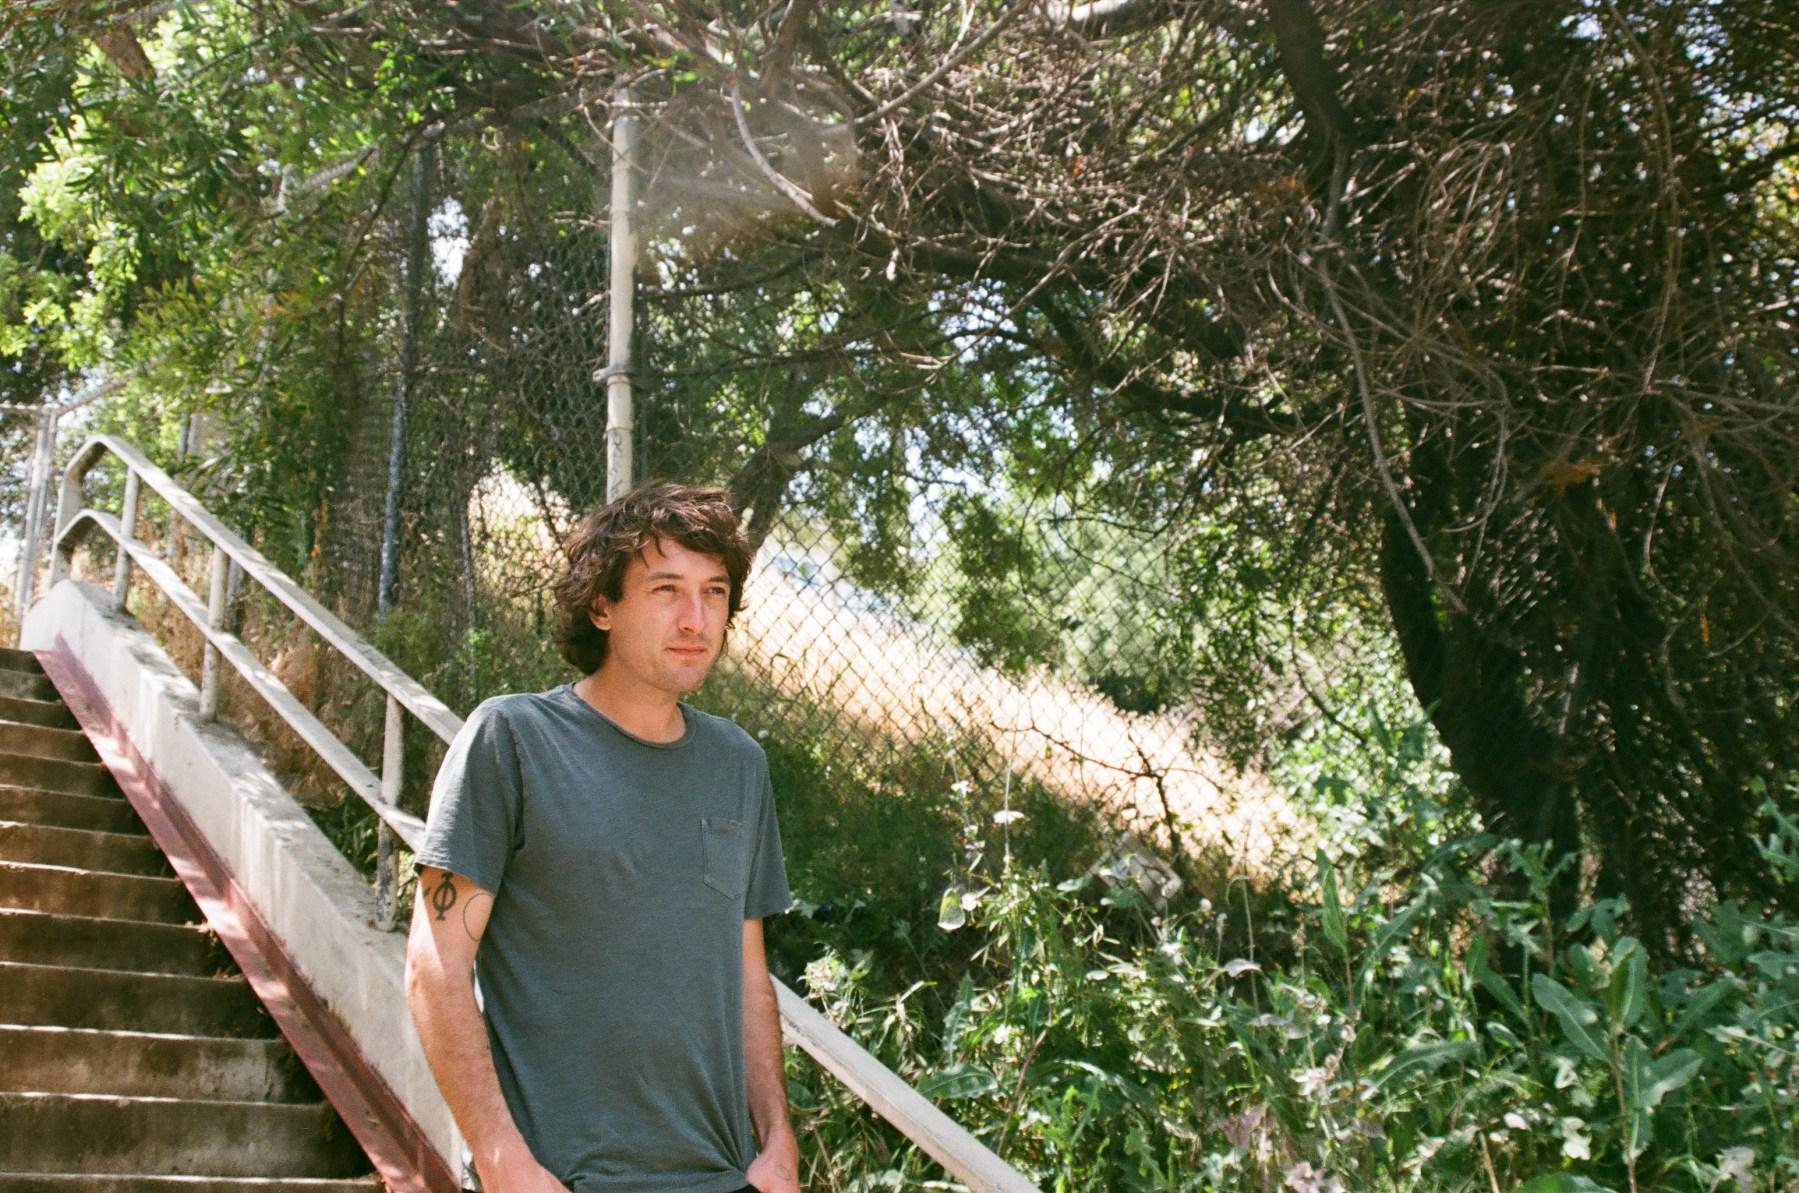 Mikal Cronin cabin in woods